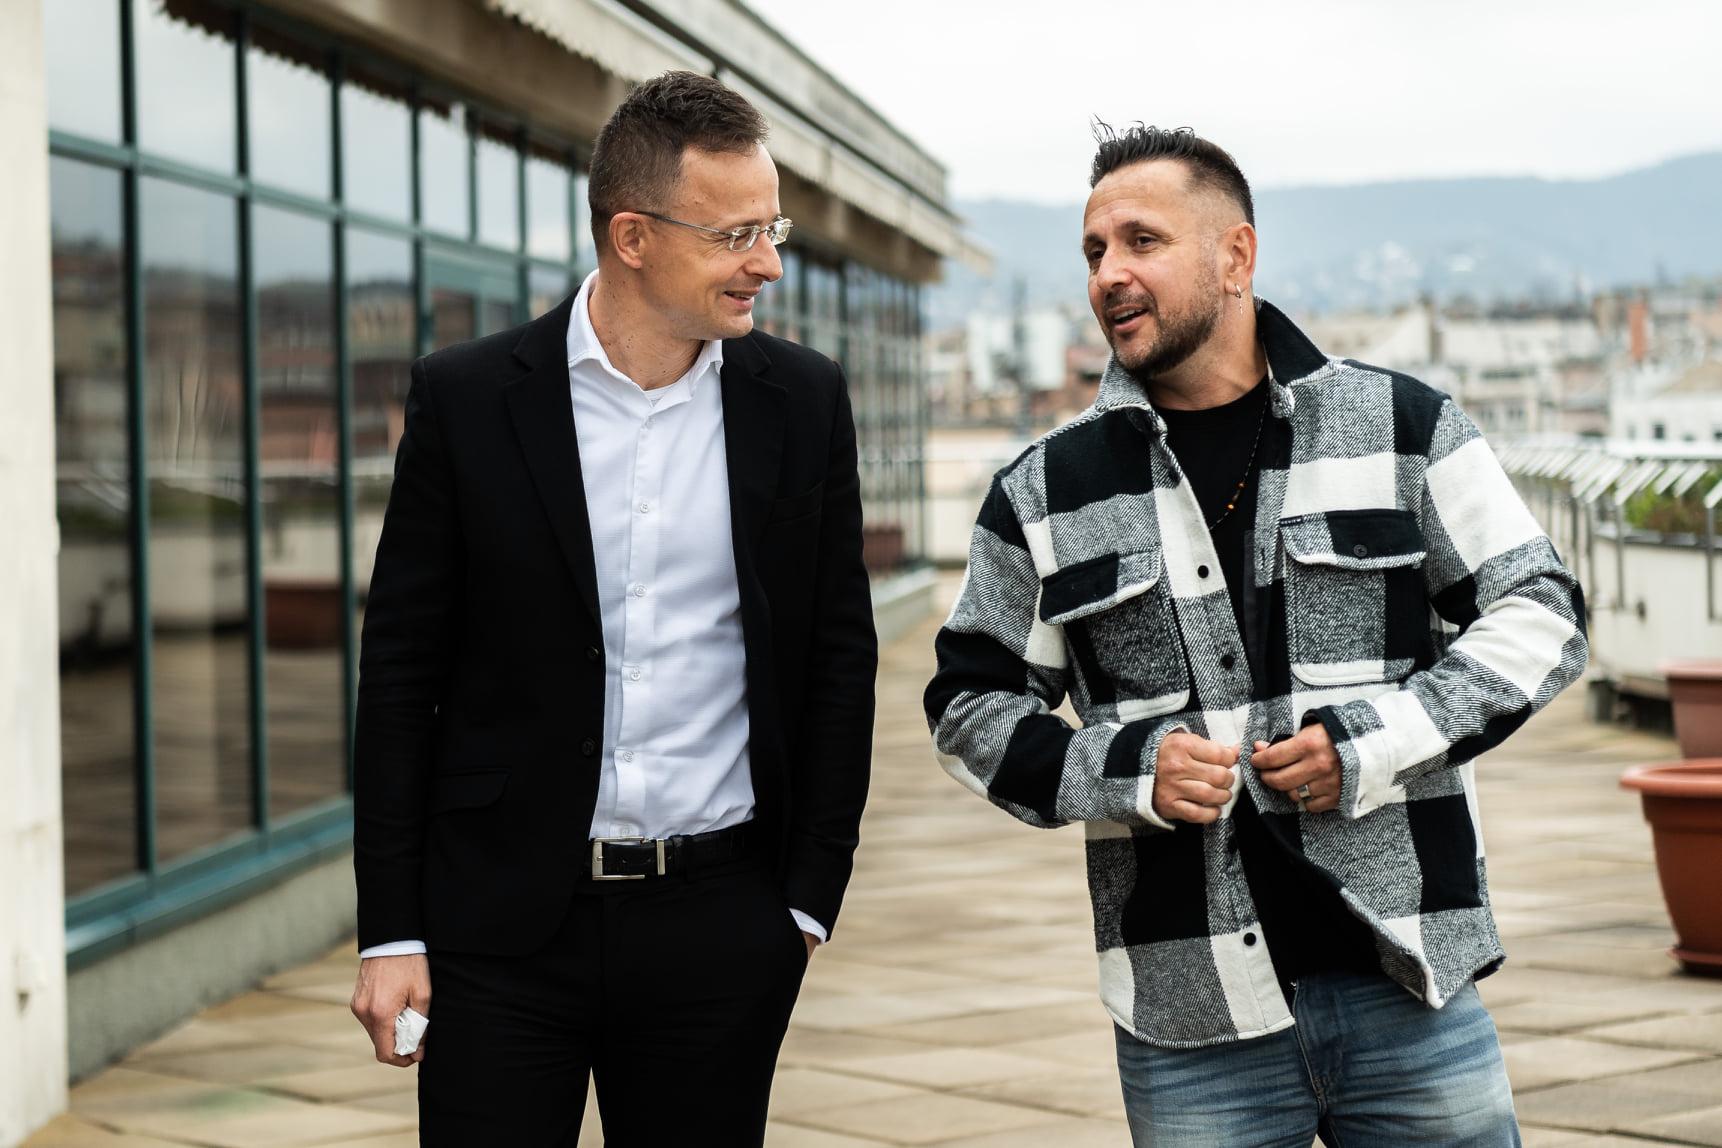 Szakács Árpád: Annak is van üzenete, amikor egy külügyminiszter az egyik legprimitívebb rapsztárral, Majkával egyezteti ügyeit